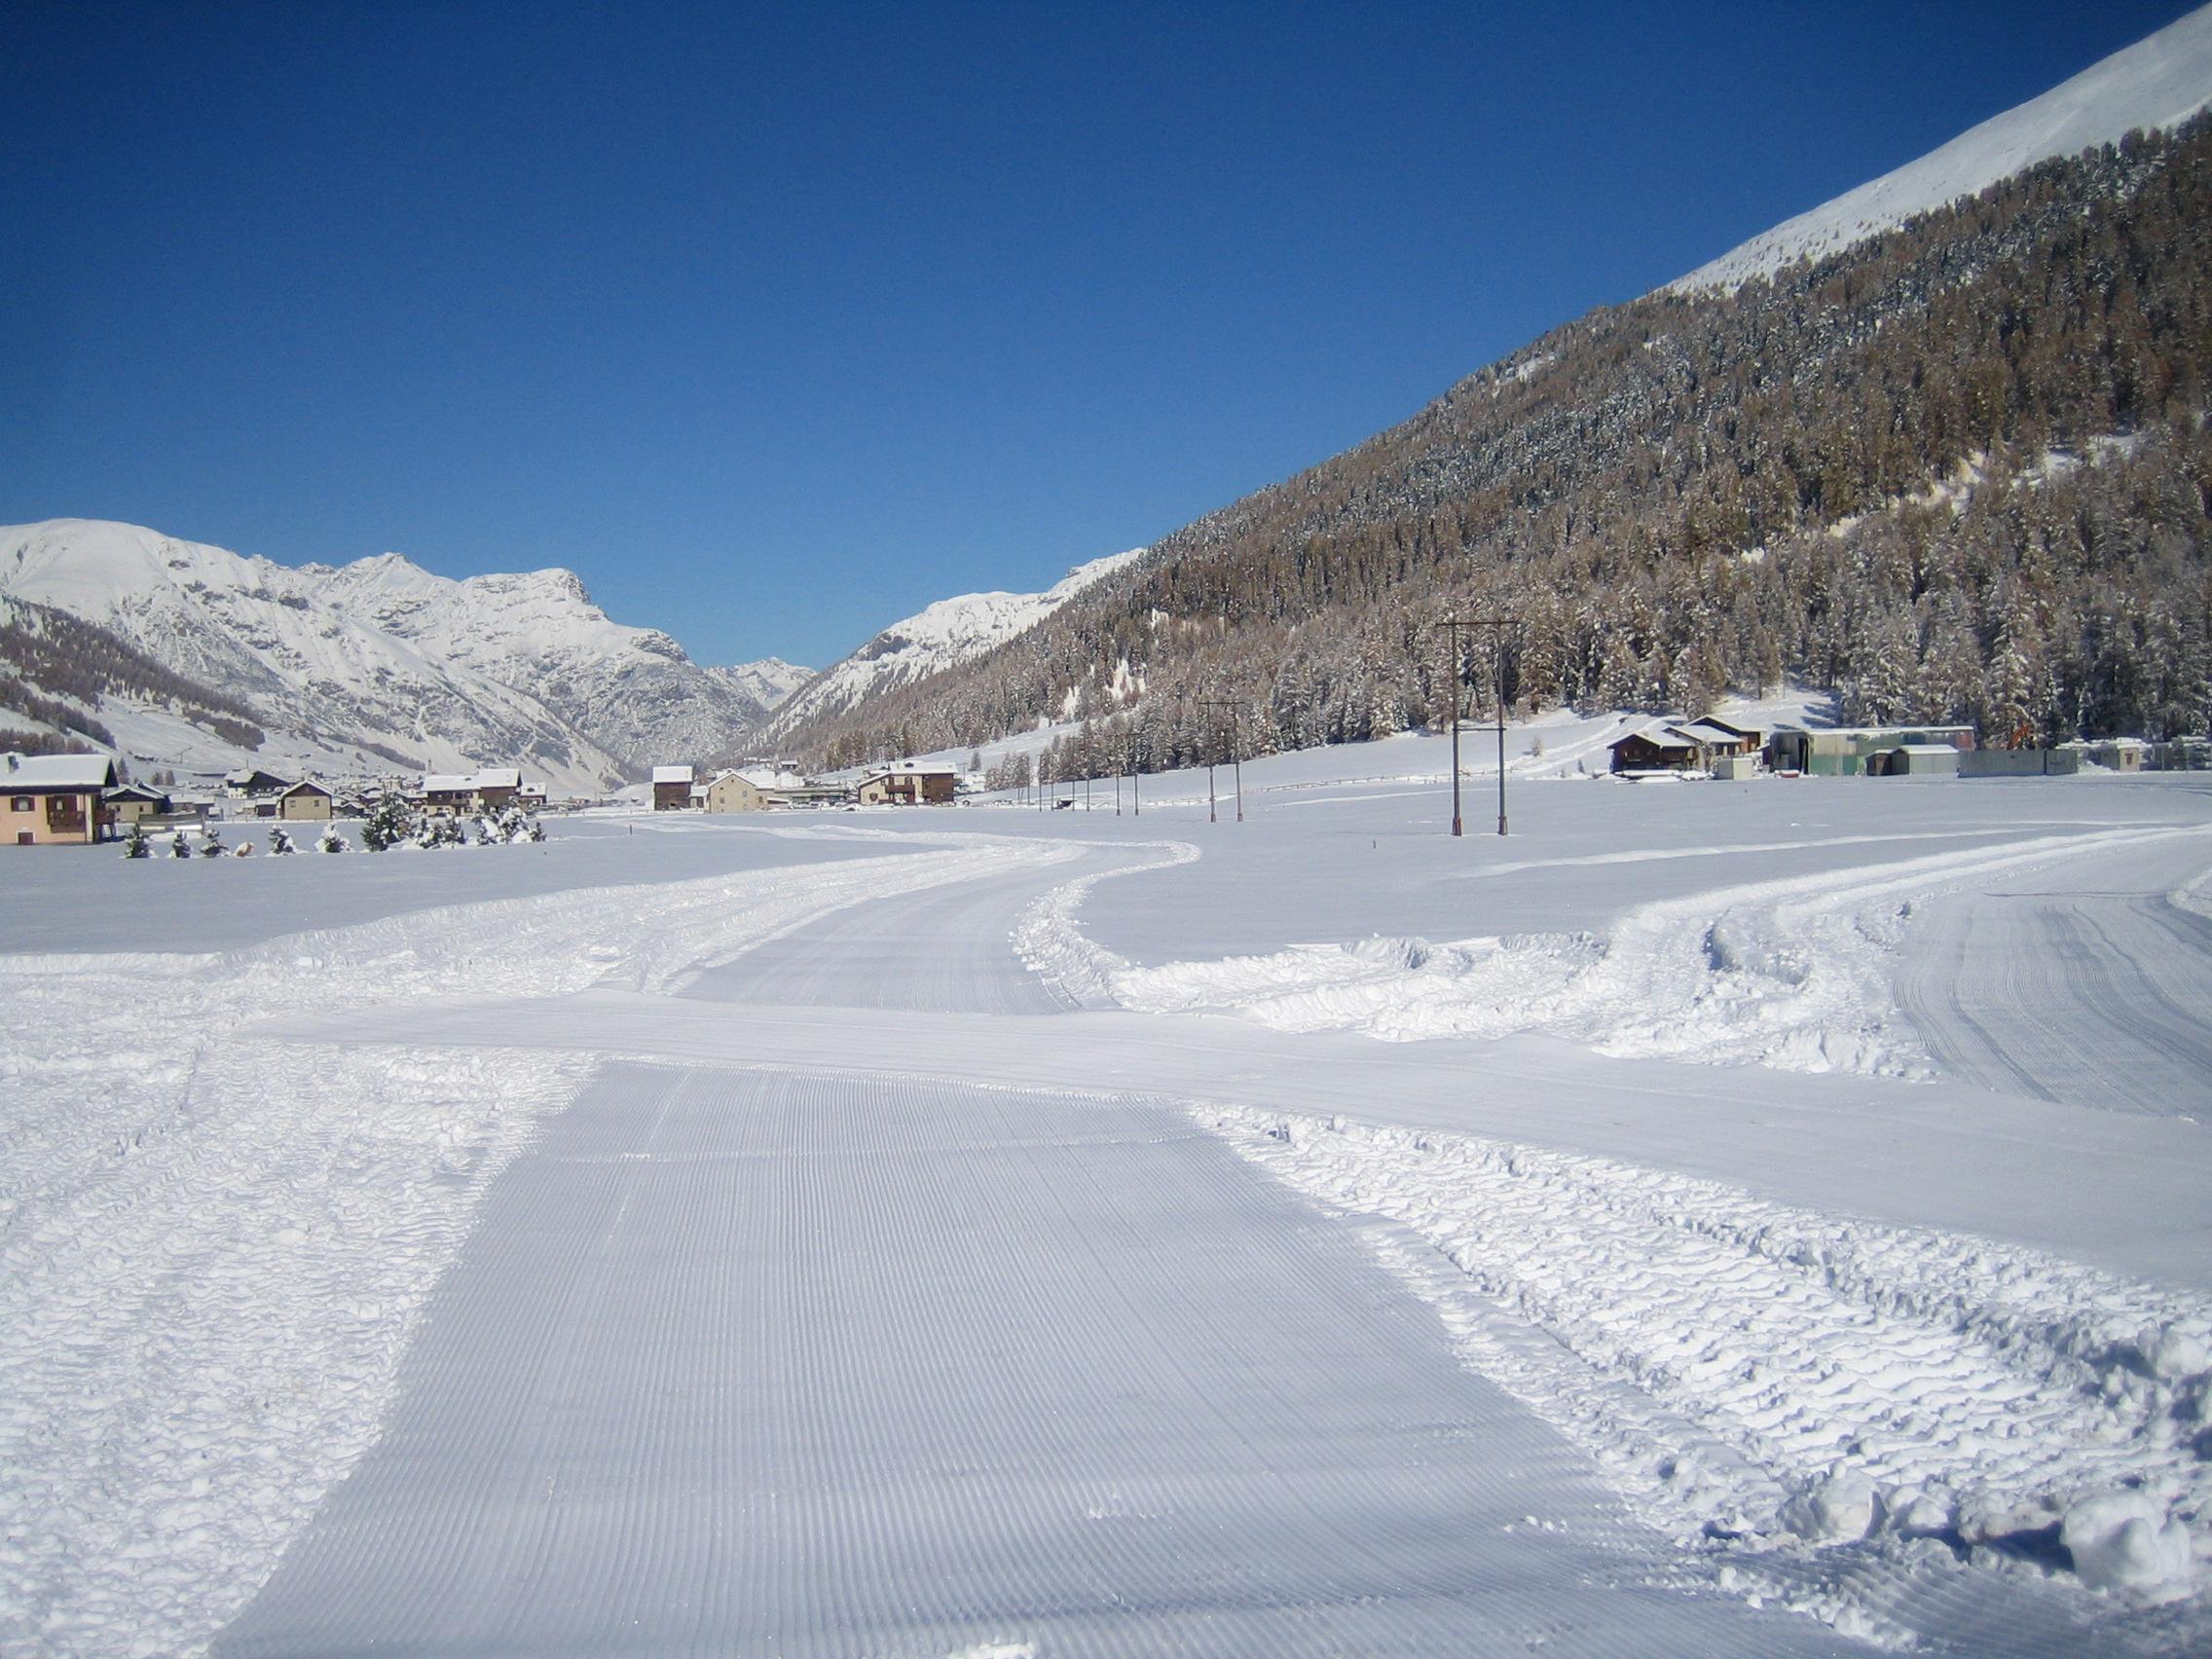 Anello per lo sci di fondo aperto a Livigno